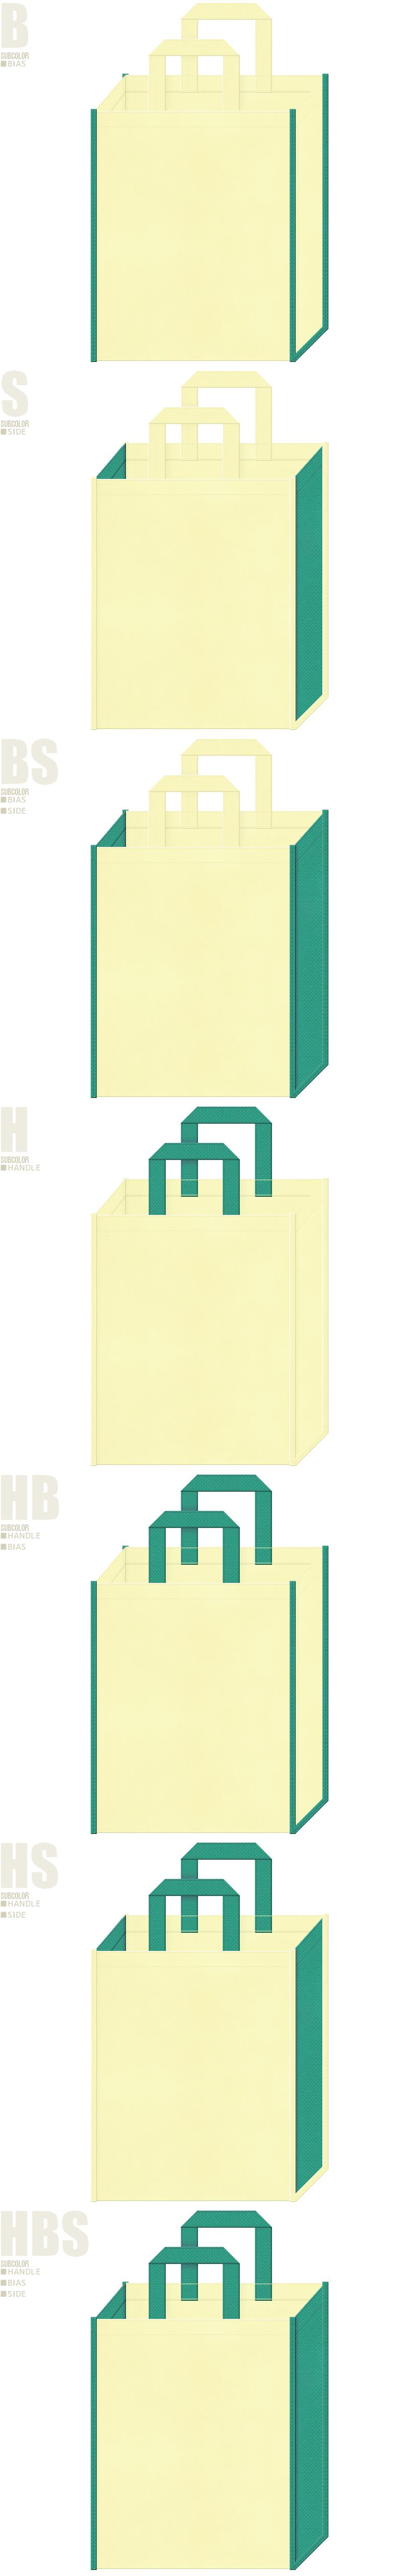 医療施設・福祉施設・介護施設・石鹸・洗剤・バス用品・お掃除用品・家庭用品の展示会用バッグにお奨めの不織布バッグデザイン:薄黄色と青緑色の配色7パターン。